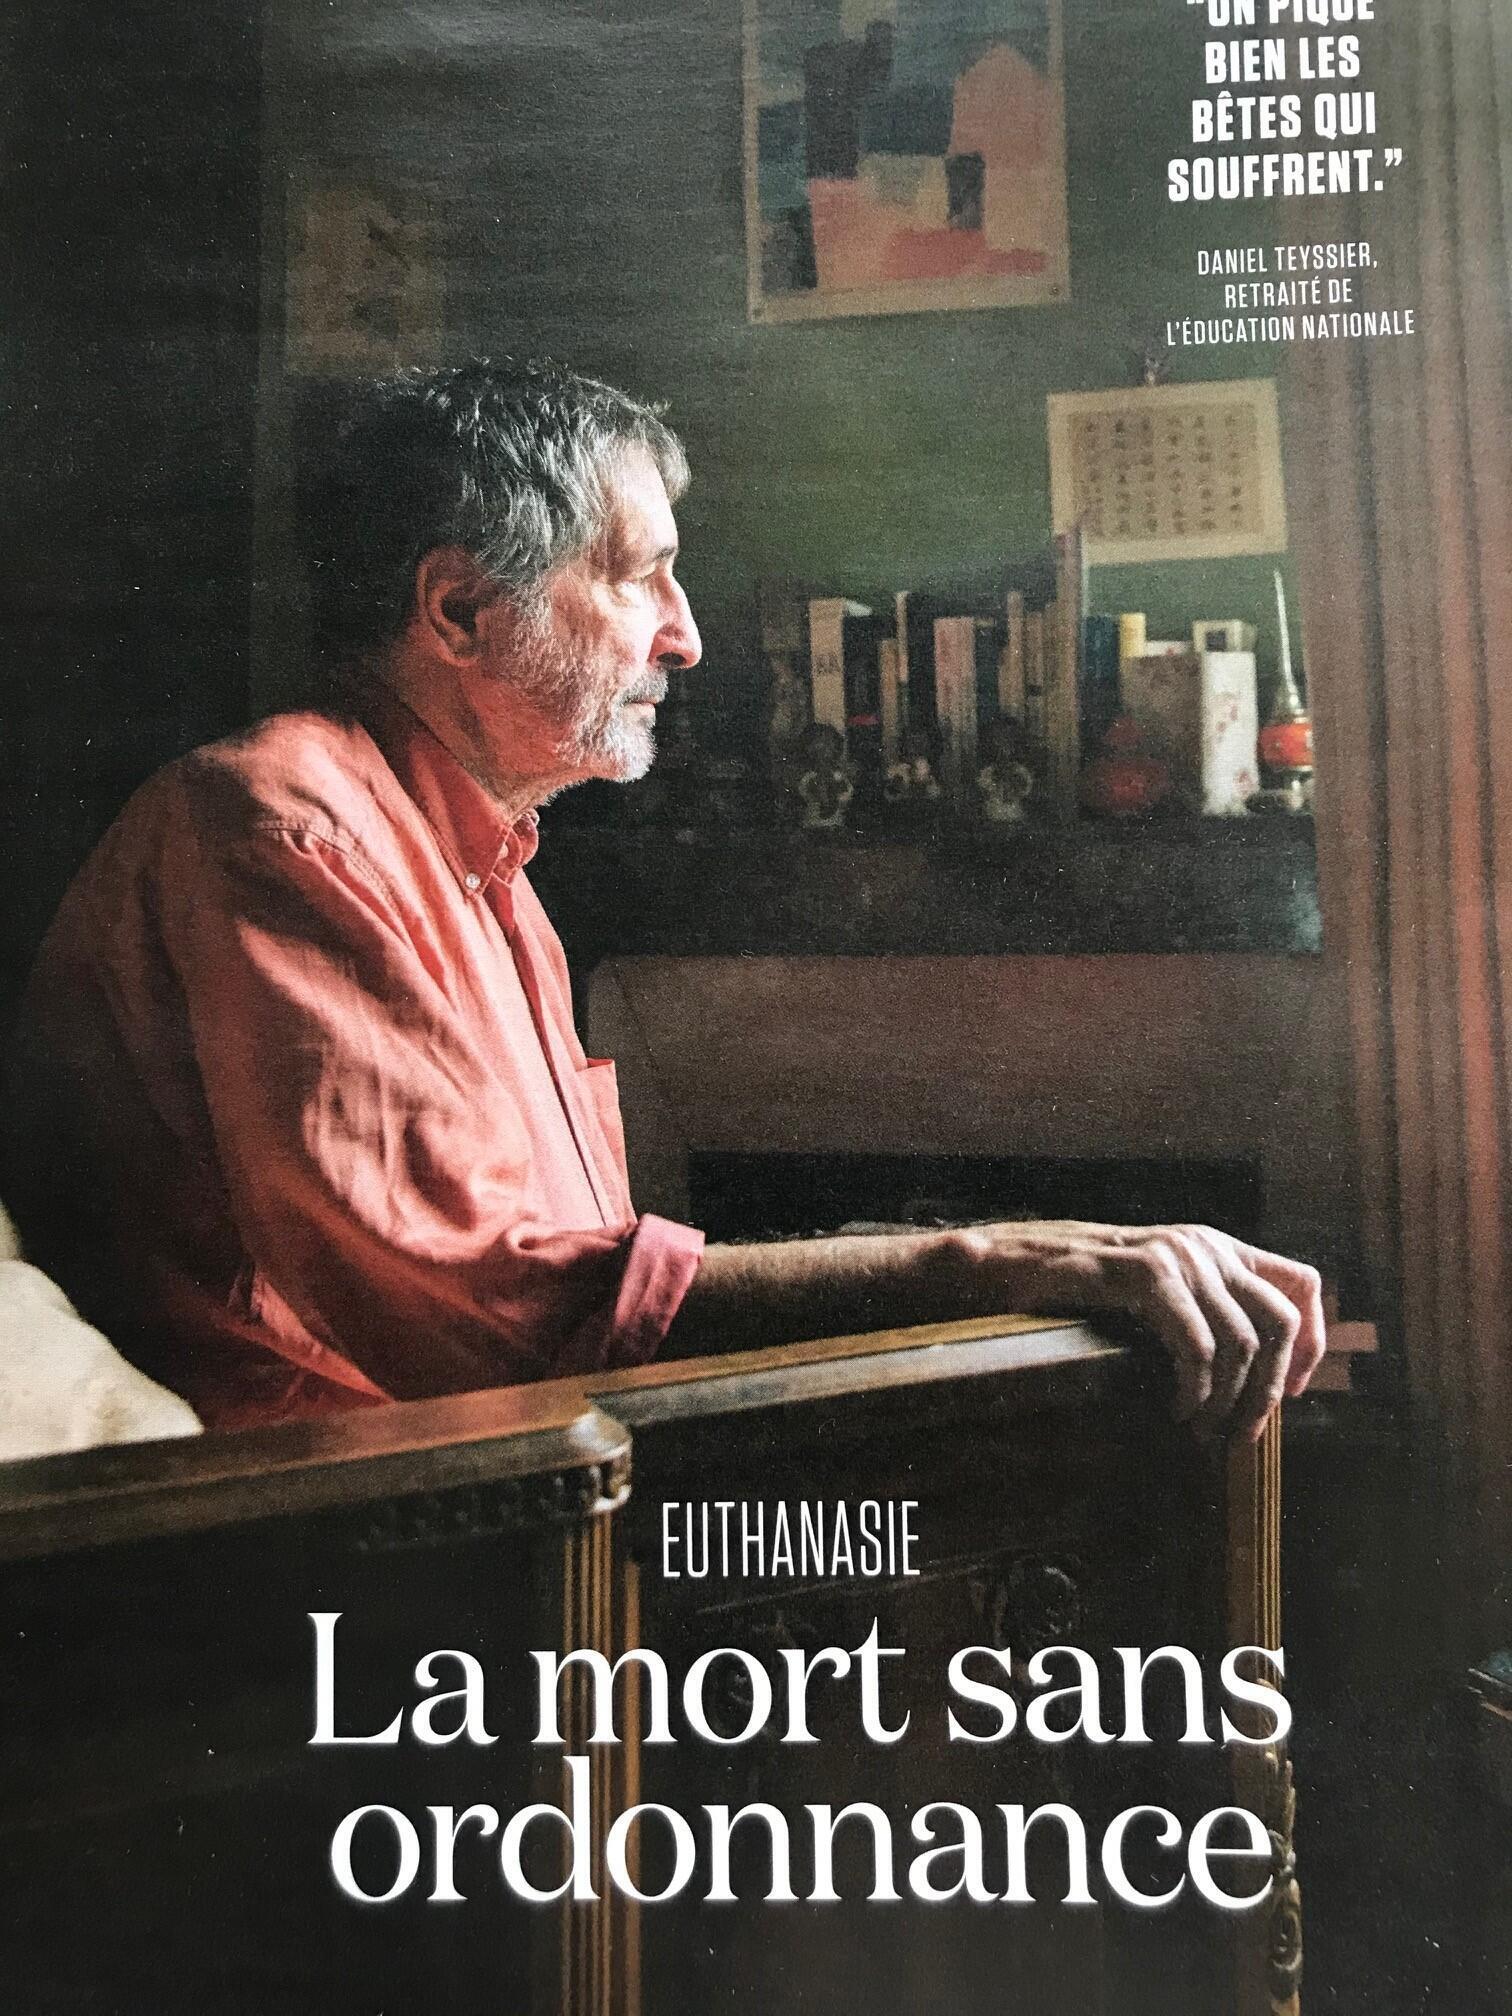 Reportagem da revista L'Obs com ativistas defensores da eutanásia.